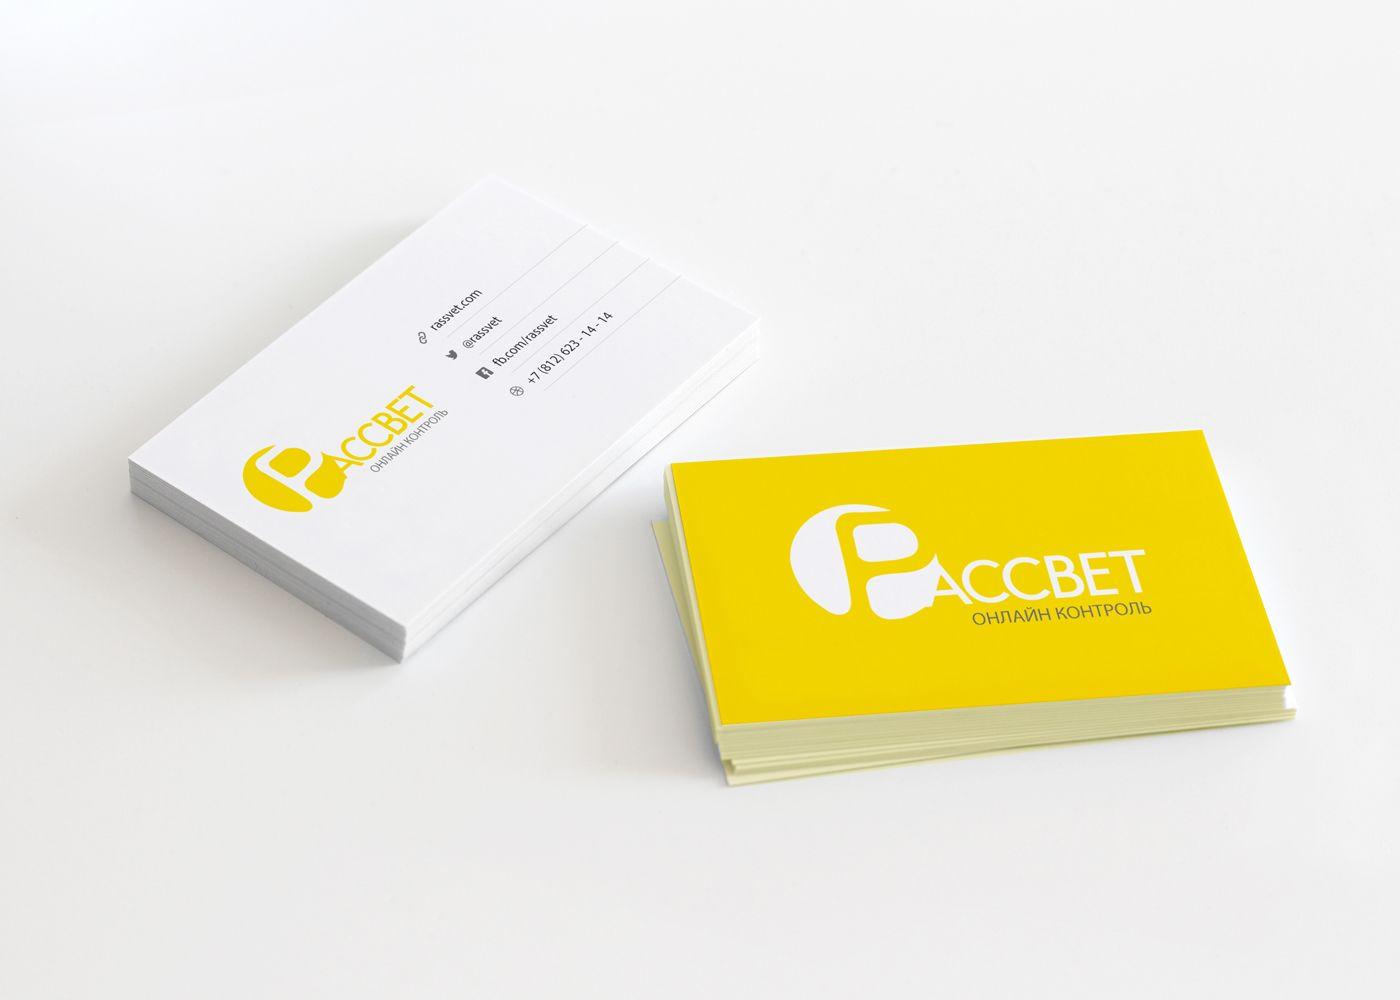 Лого и фирменный стиль для Рассвет - дизайнер EllizavetaSoll